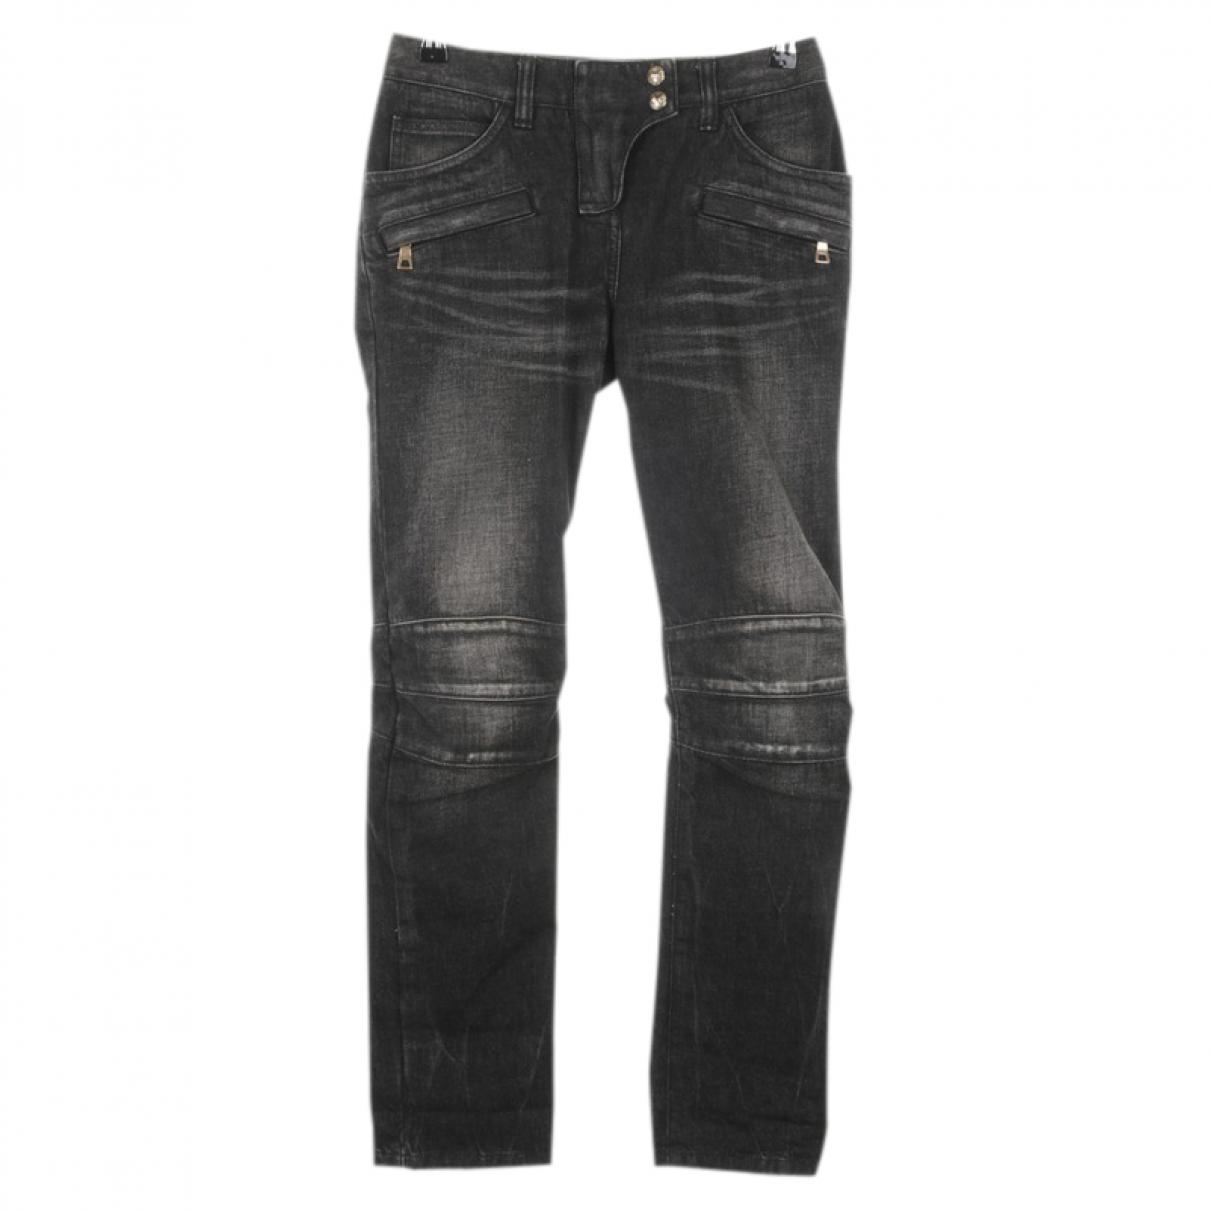 Balmain \N Black Denim - Jeans Jeans for Women 34 FR